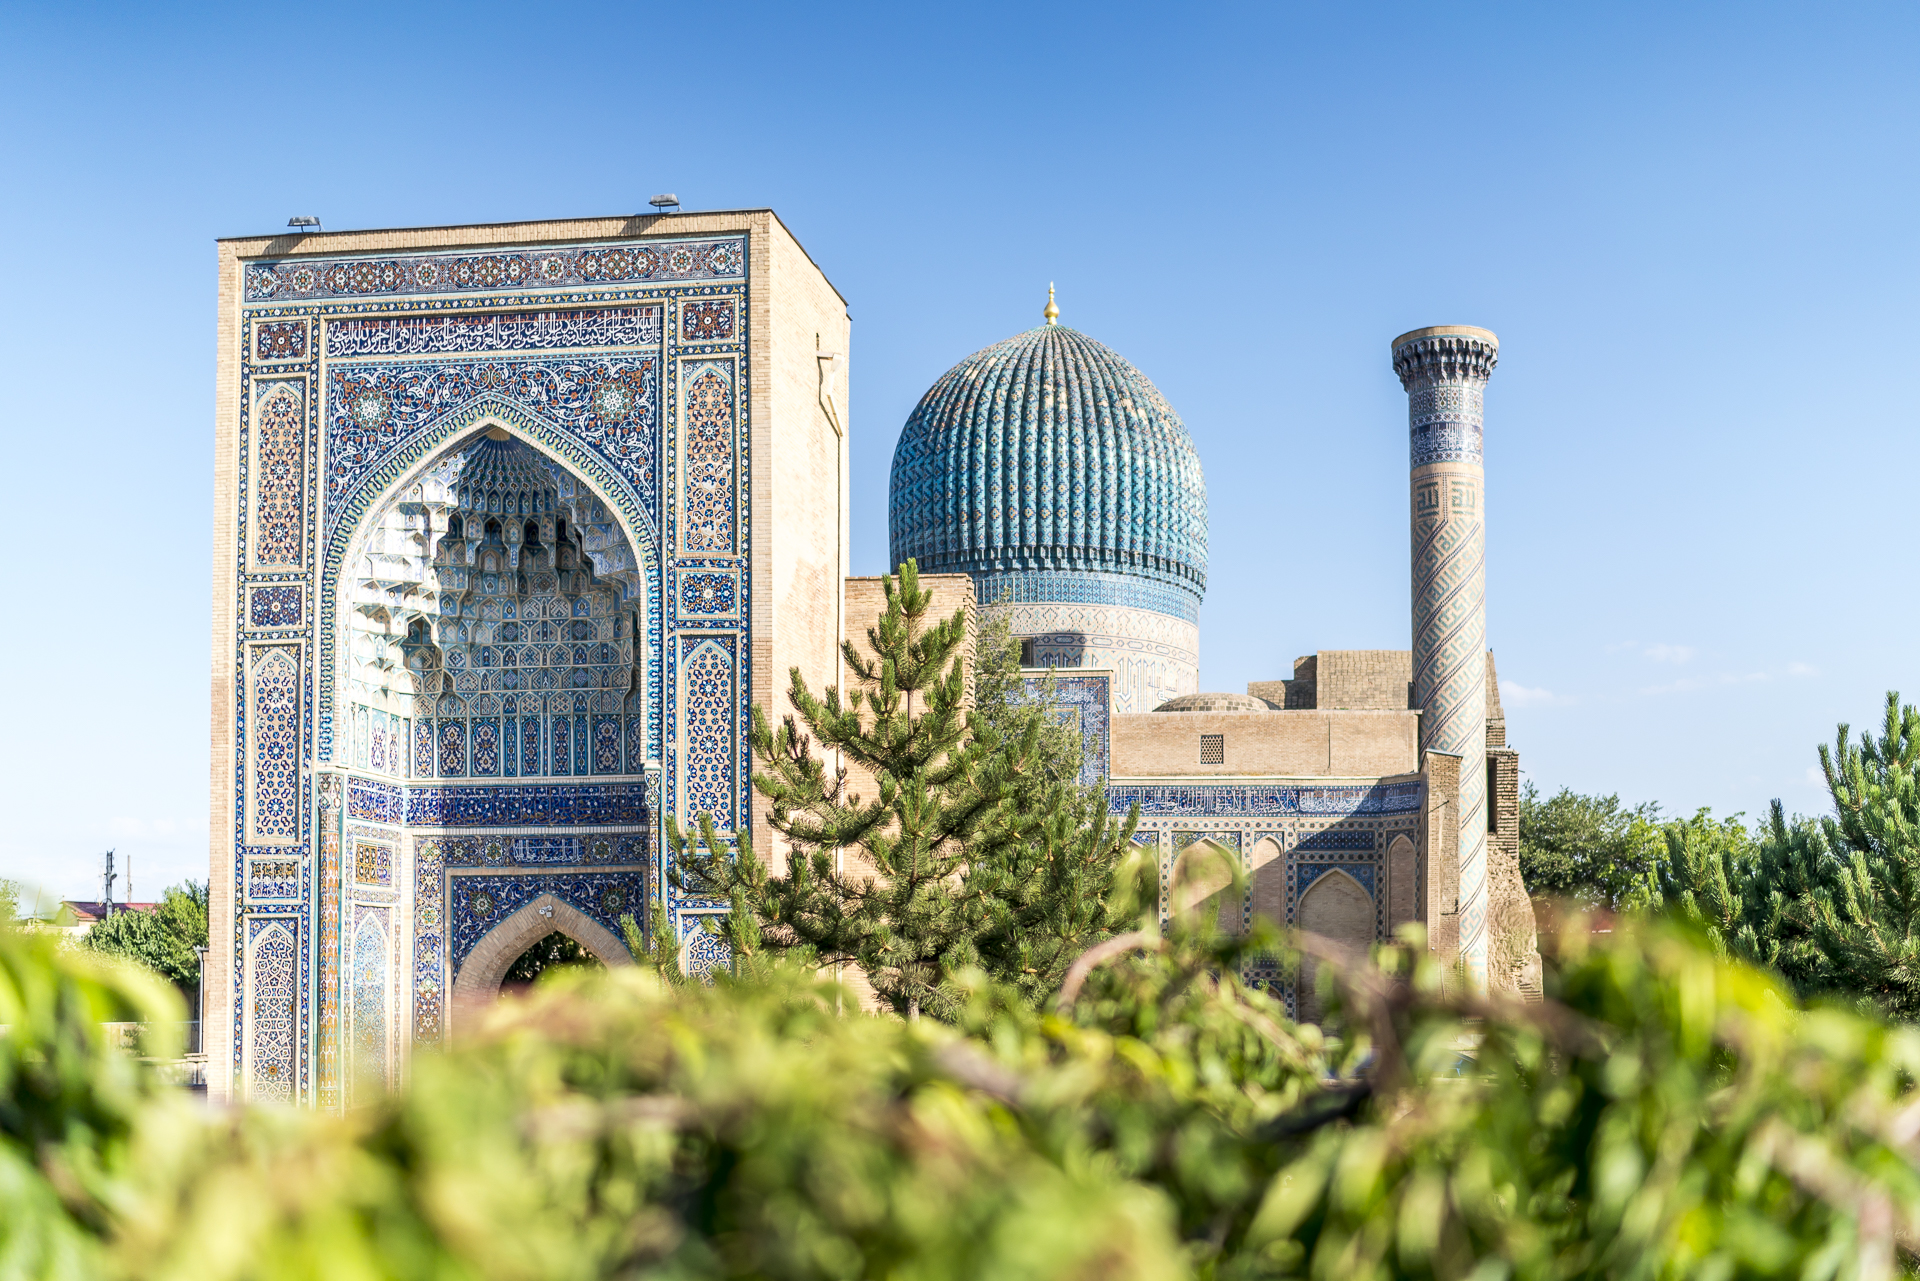 Samarkand gur Emir Mausoleum